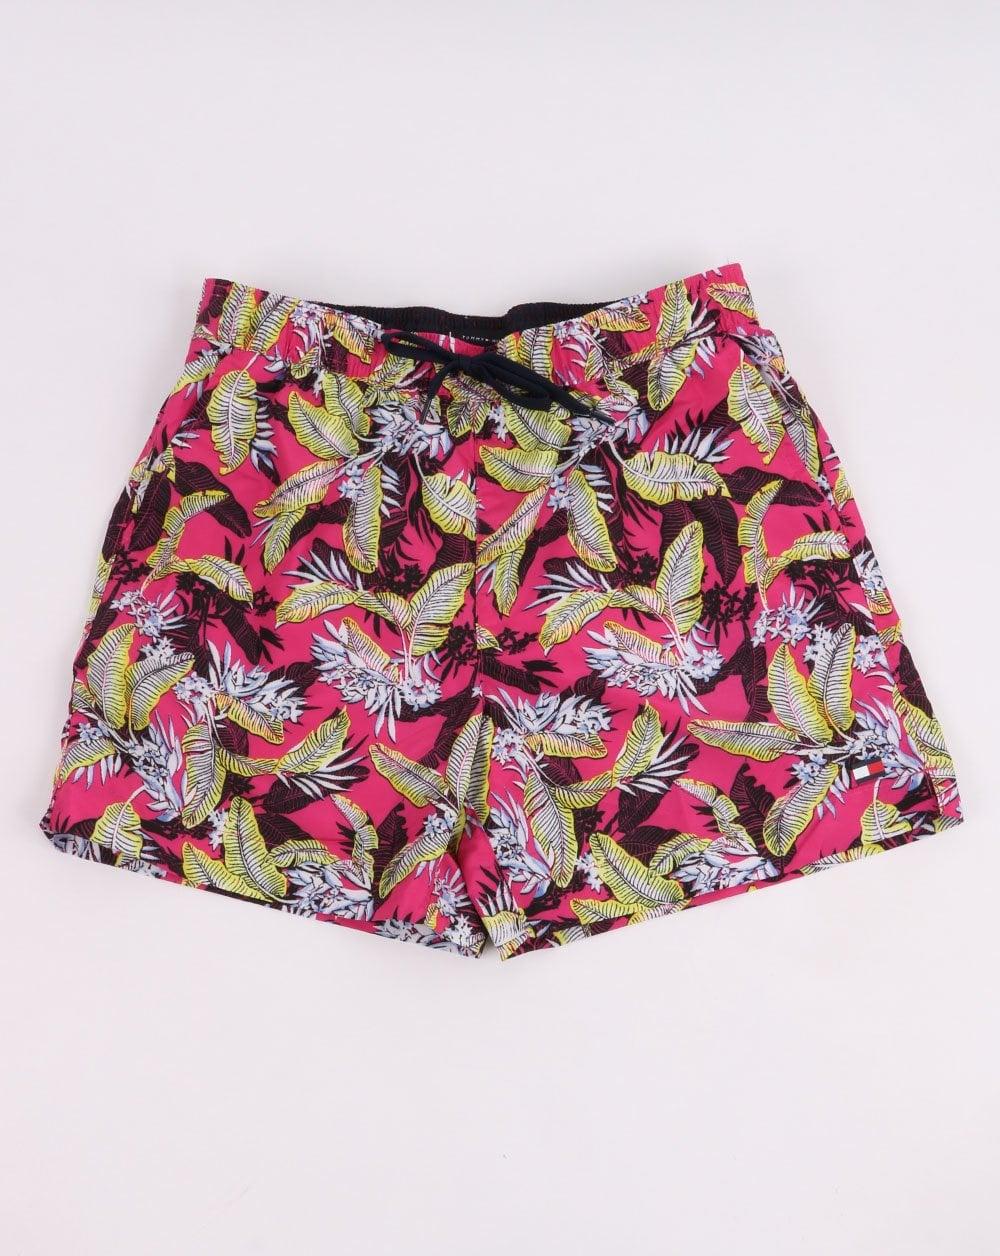 2cdf2ad535 Tommy Hilfiger Jeans Tommy Hilfiger Medium Drawstring Shorts Tropic Leaf